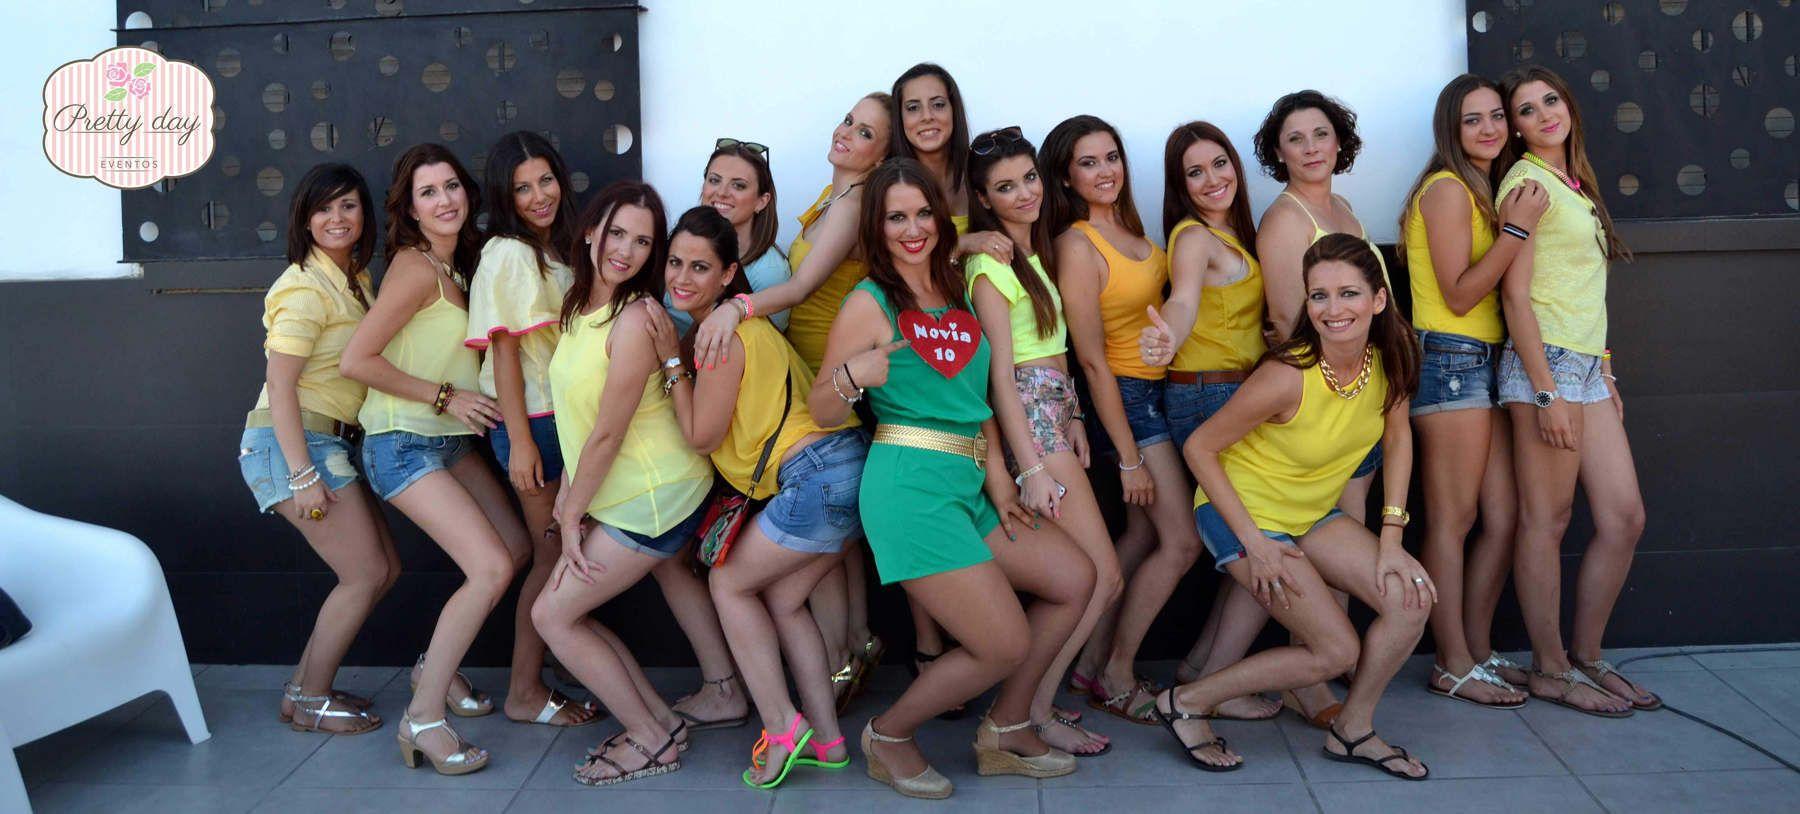 Beauty Party Torremolinos - Maquillaje - Makeup